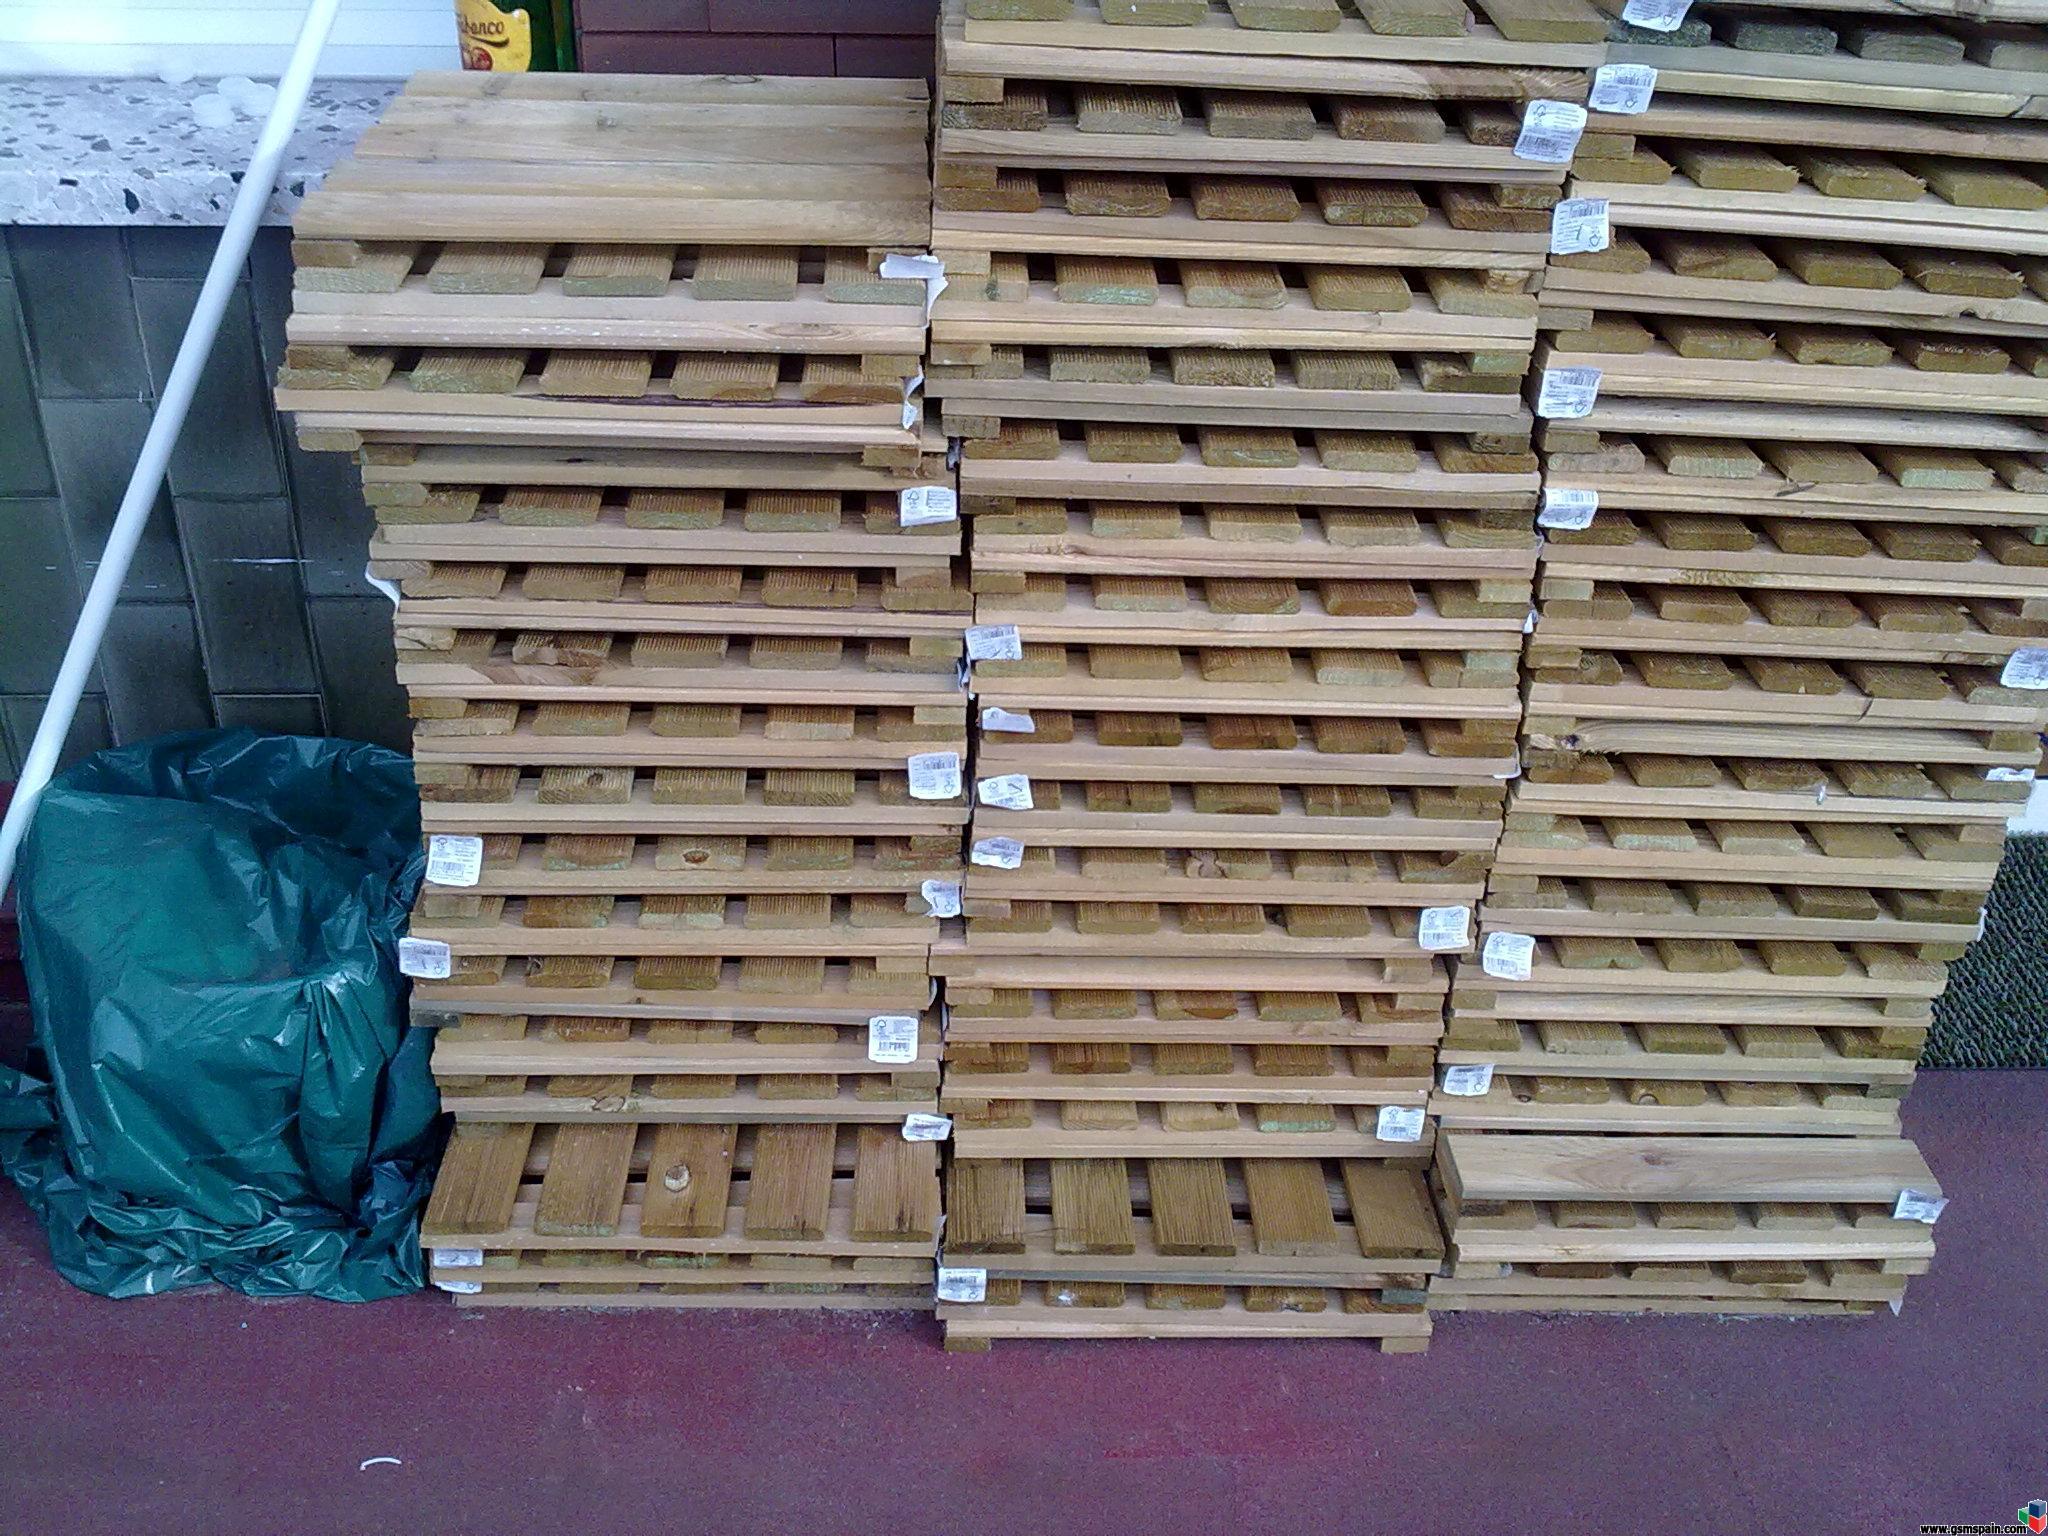 Baldosas de madera 40x40 para terraza y jardin desde 1 5 euros for Baldosas para terraza baratas